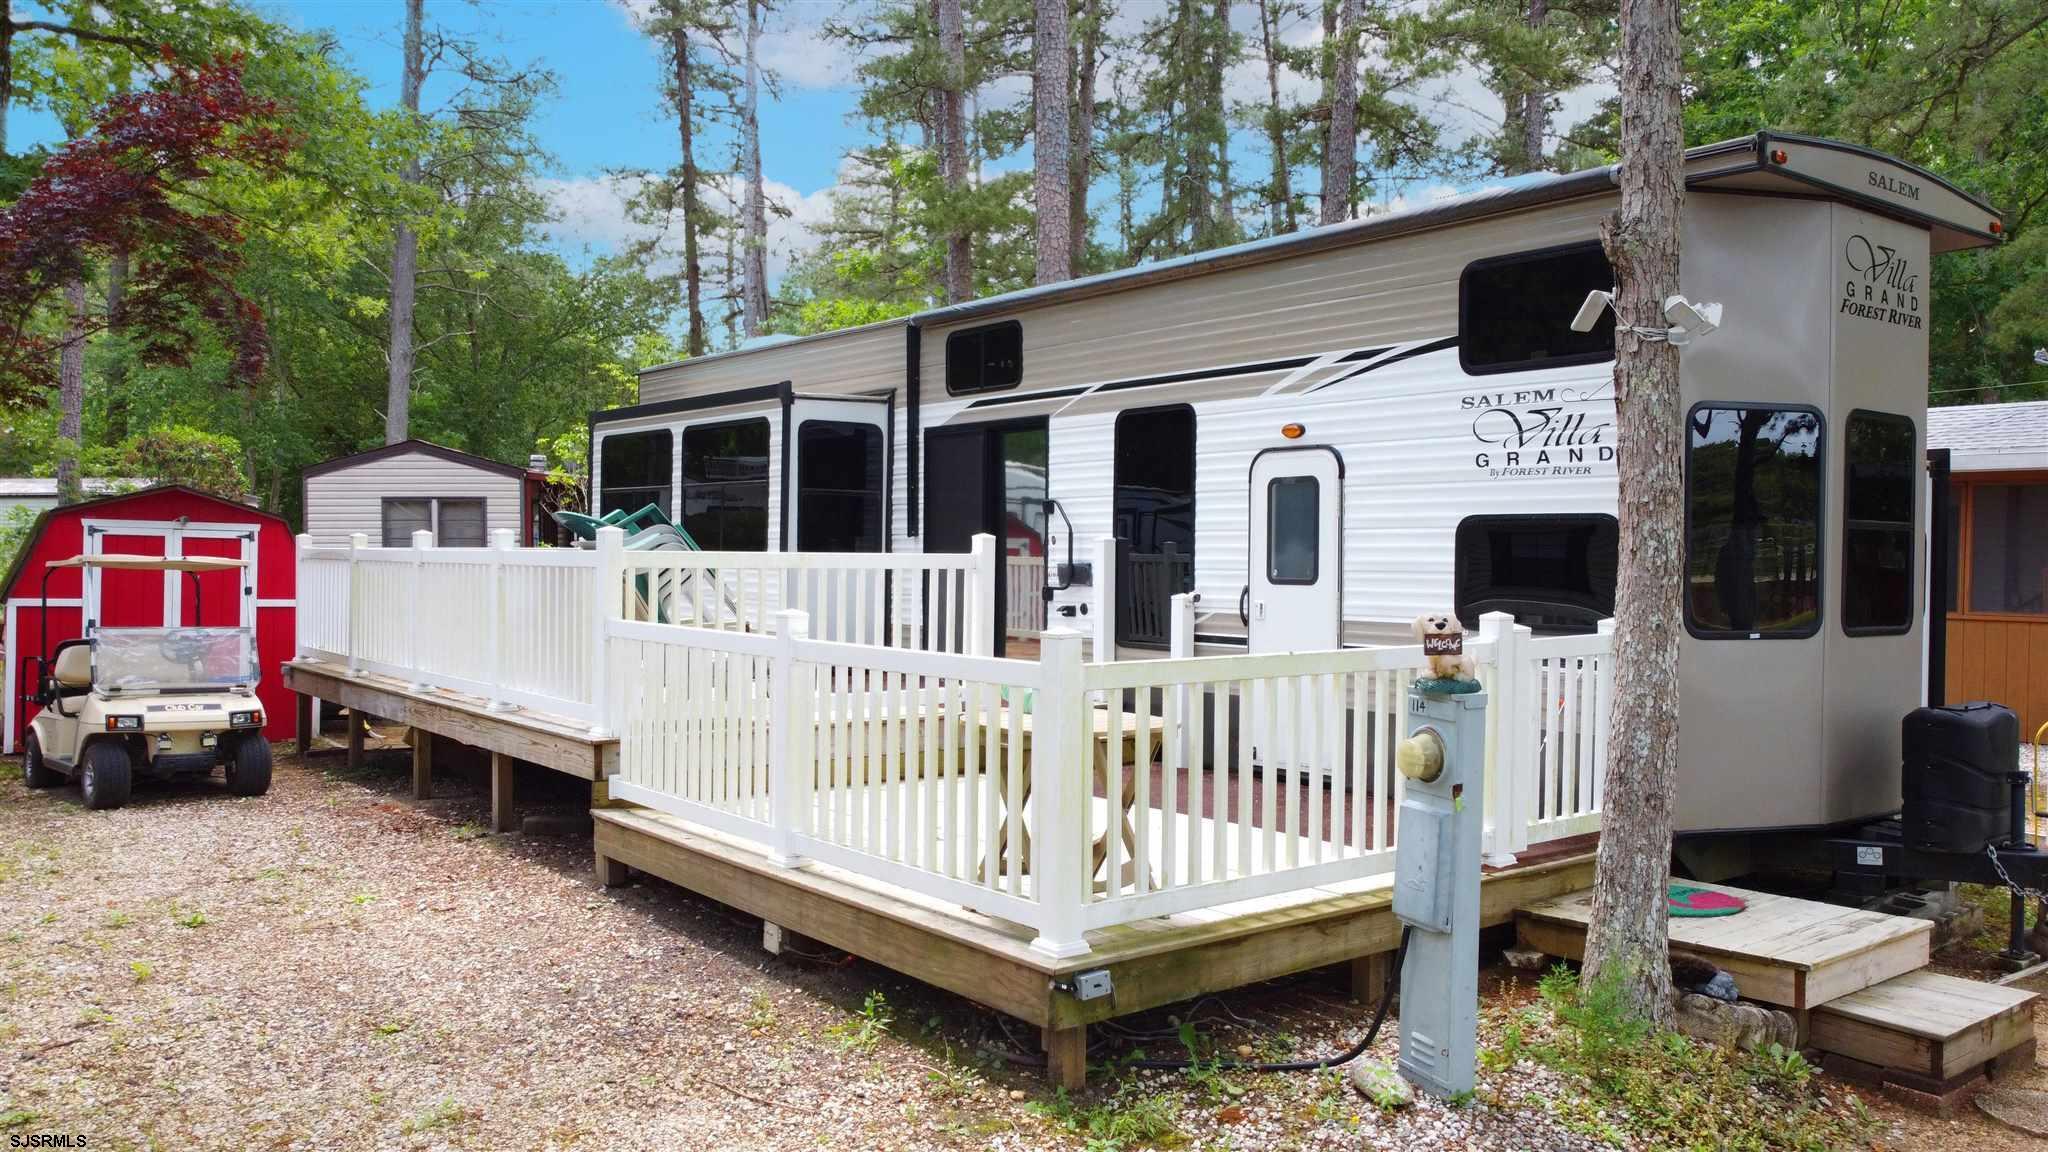 LAKE FRONT!! 2019 Salem Grand Villa 42' destination trailer. Spacious Master bedroom slides out. Ste